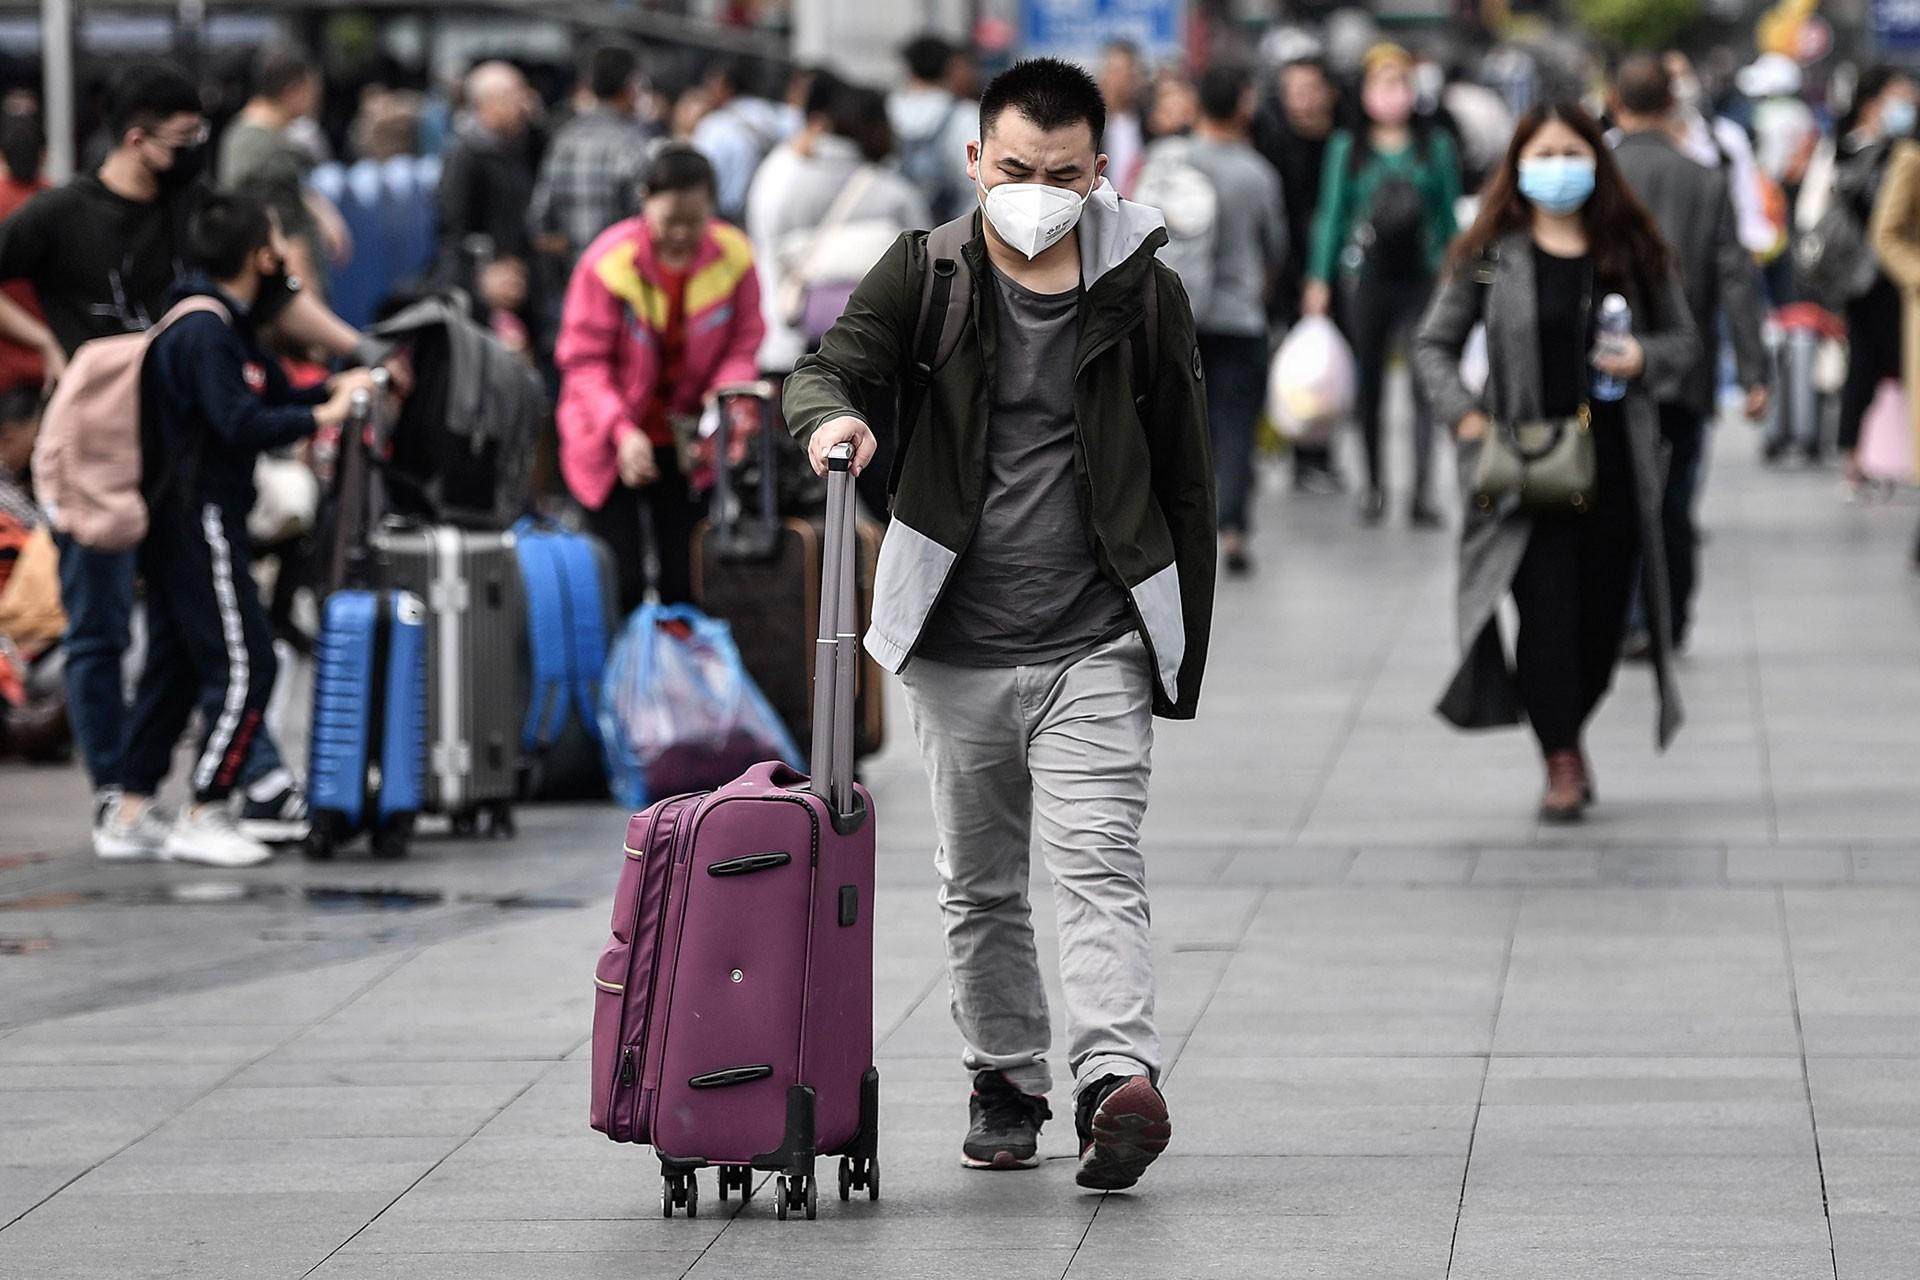 Virüsten korunmak için maske takan bir Çinli, elinde valiziyle havalimanına gidiyor